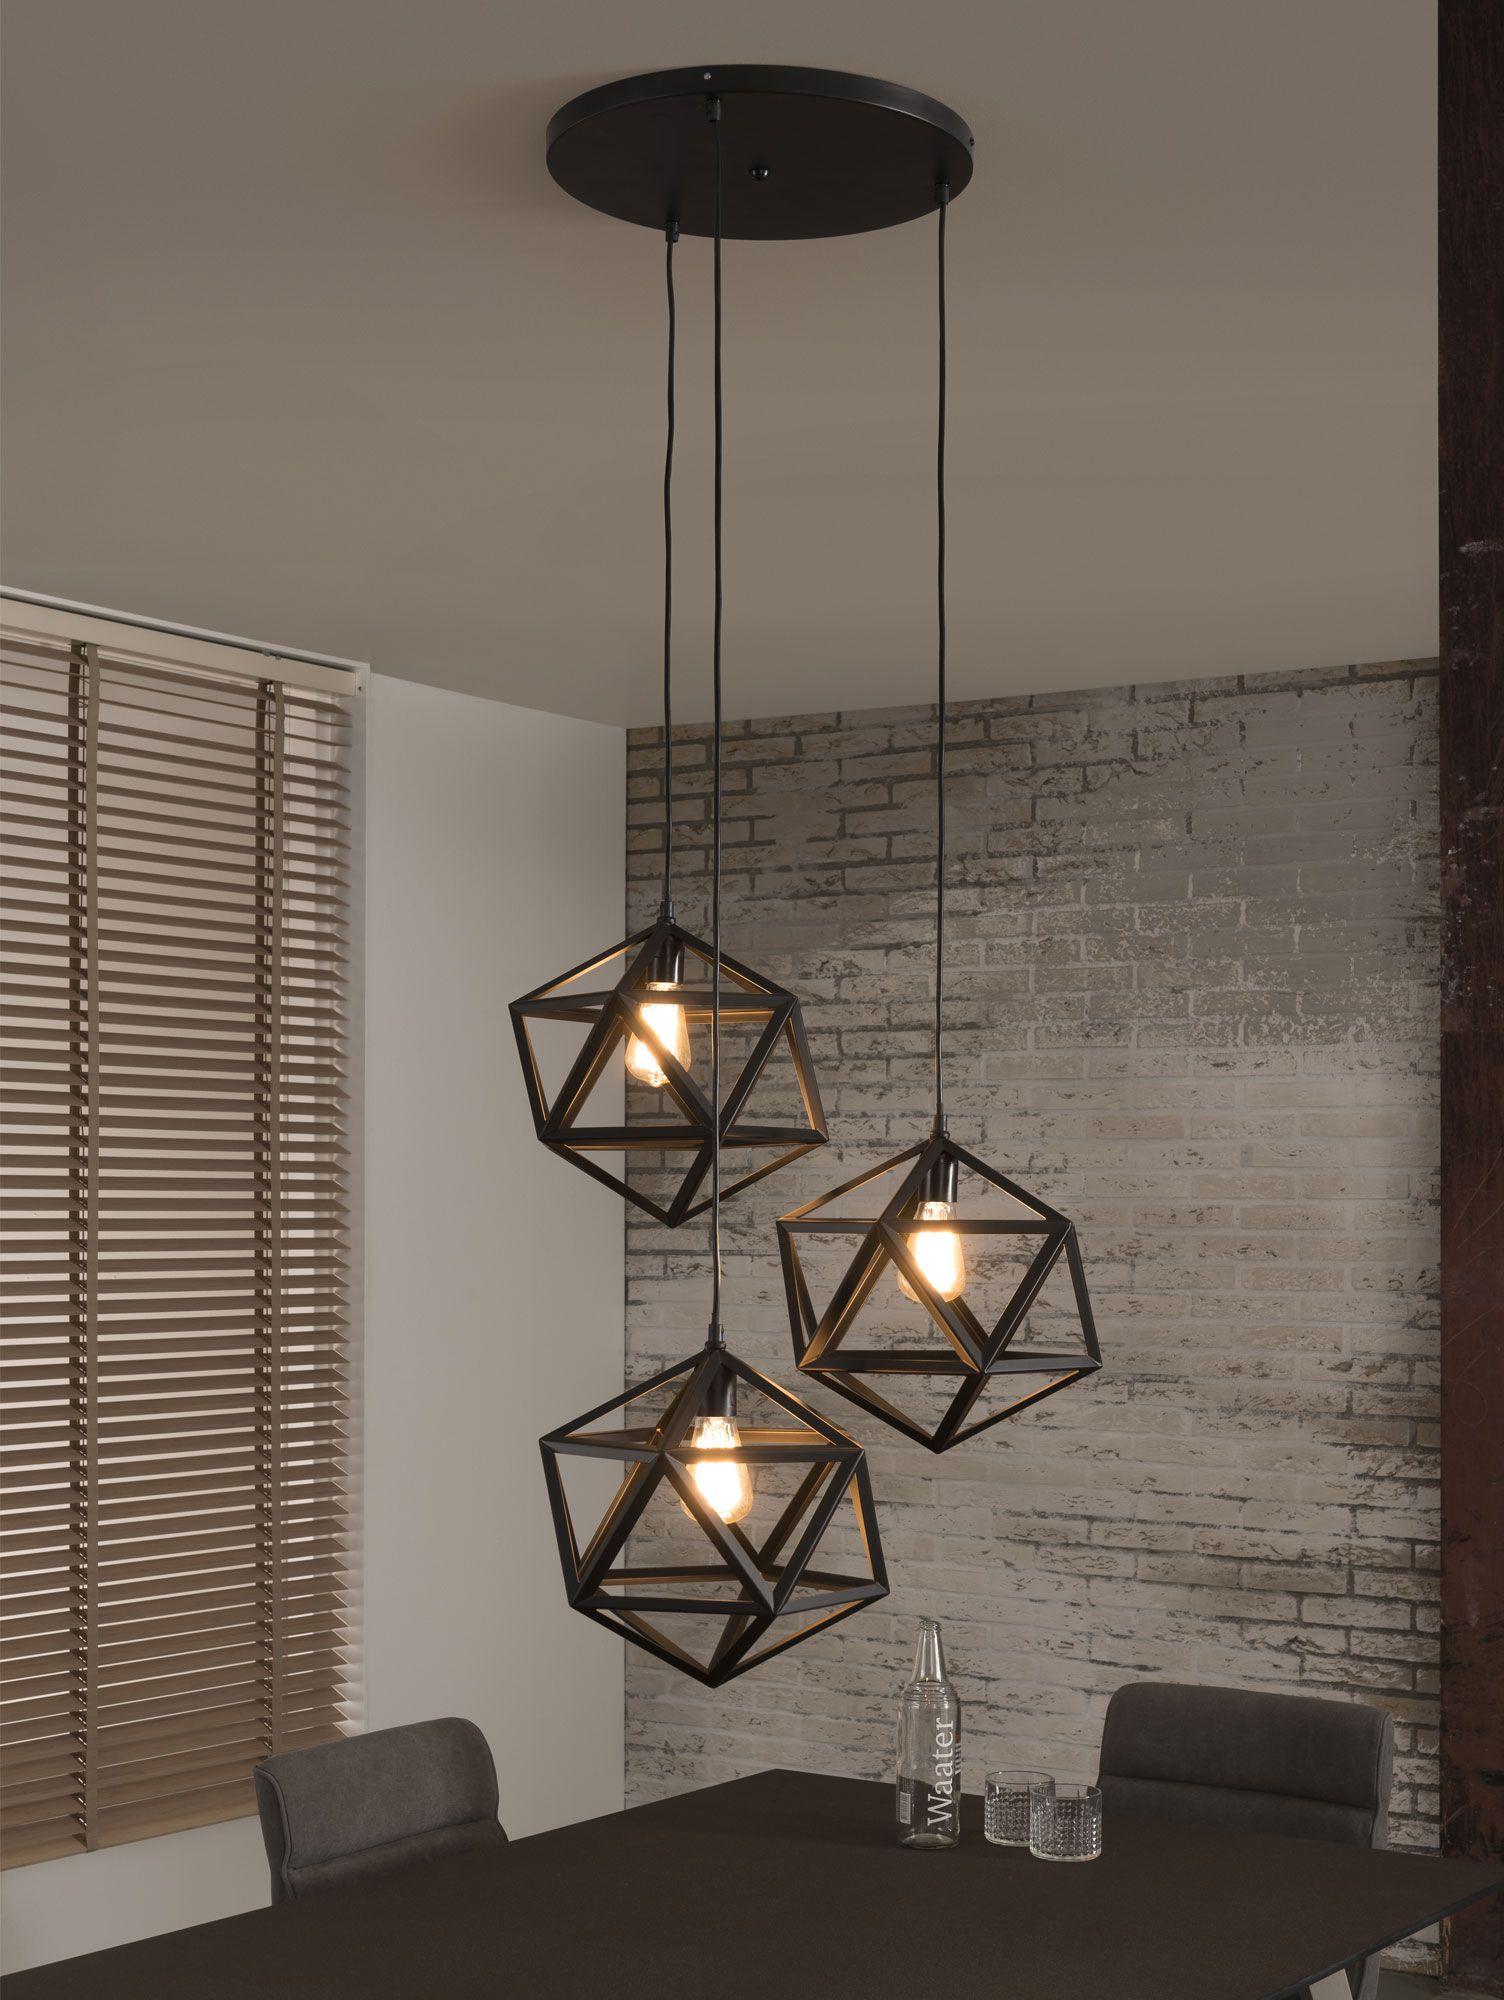 Hangelampe Hanna Mit 3 Leuchten Lampen Hangelampe Wohnzimmer Lampe